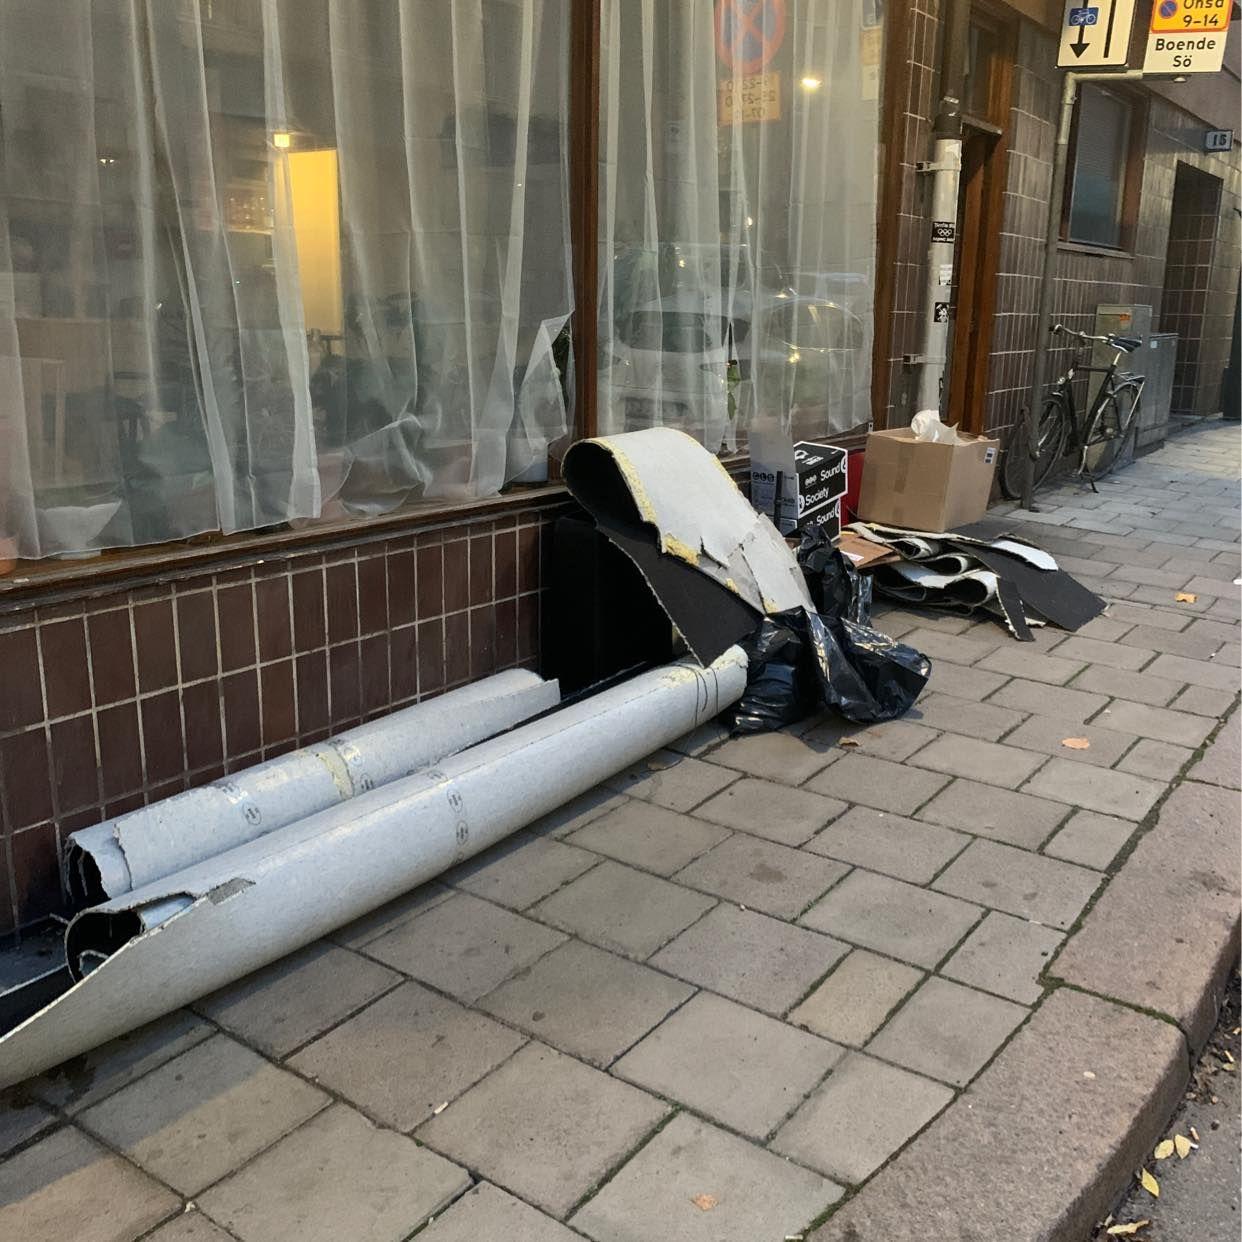 image of Slänga - Stockholm